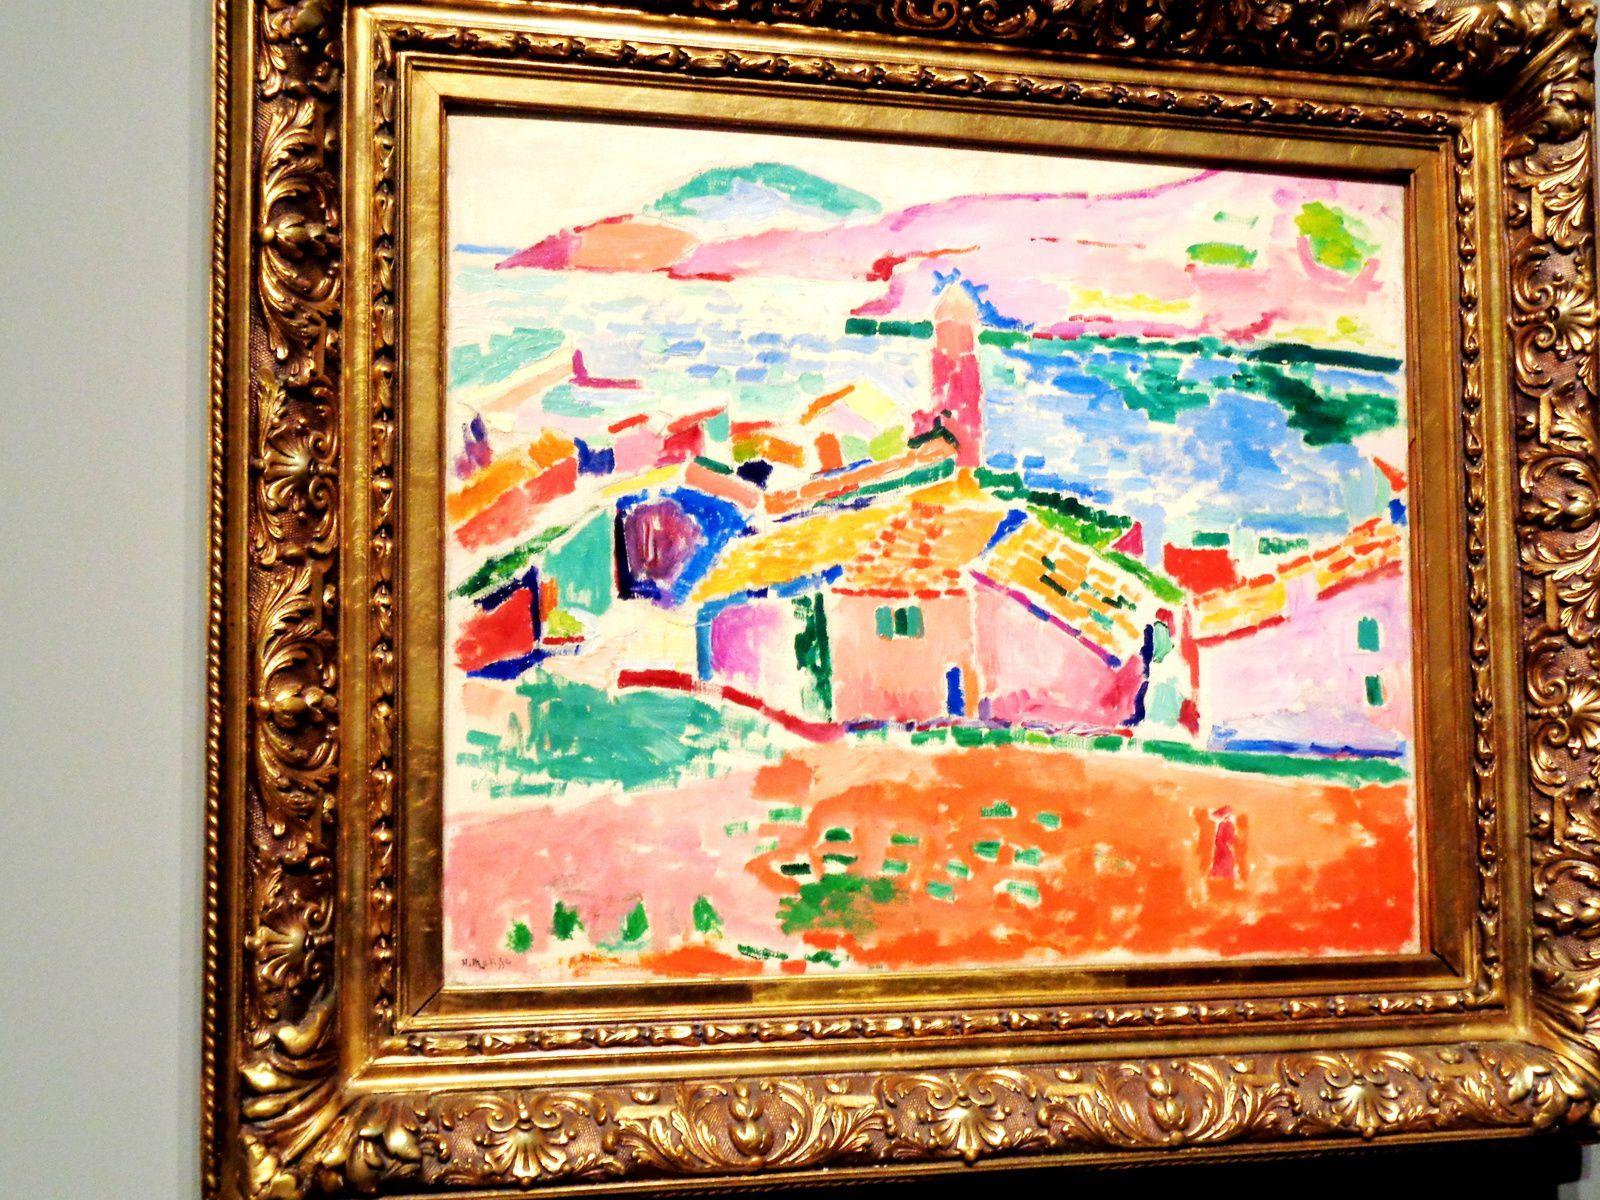 Vue de Collioure - Henri Matisse, 1905